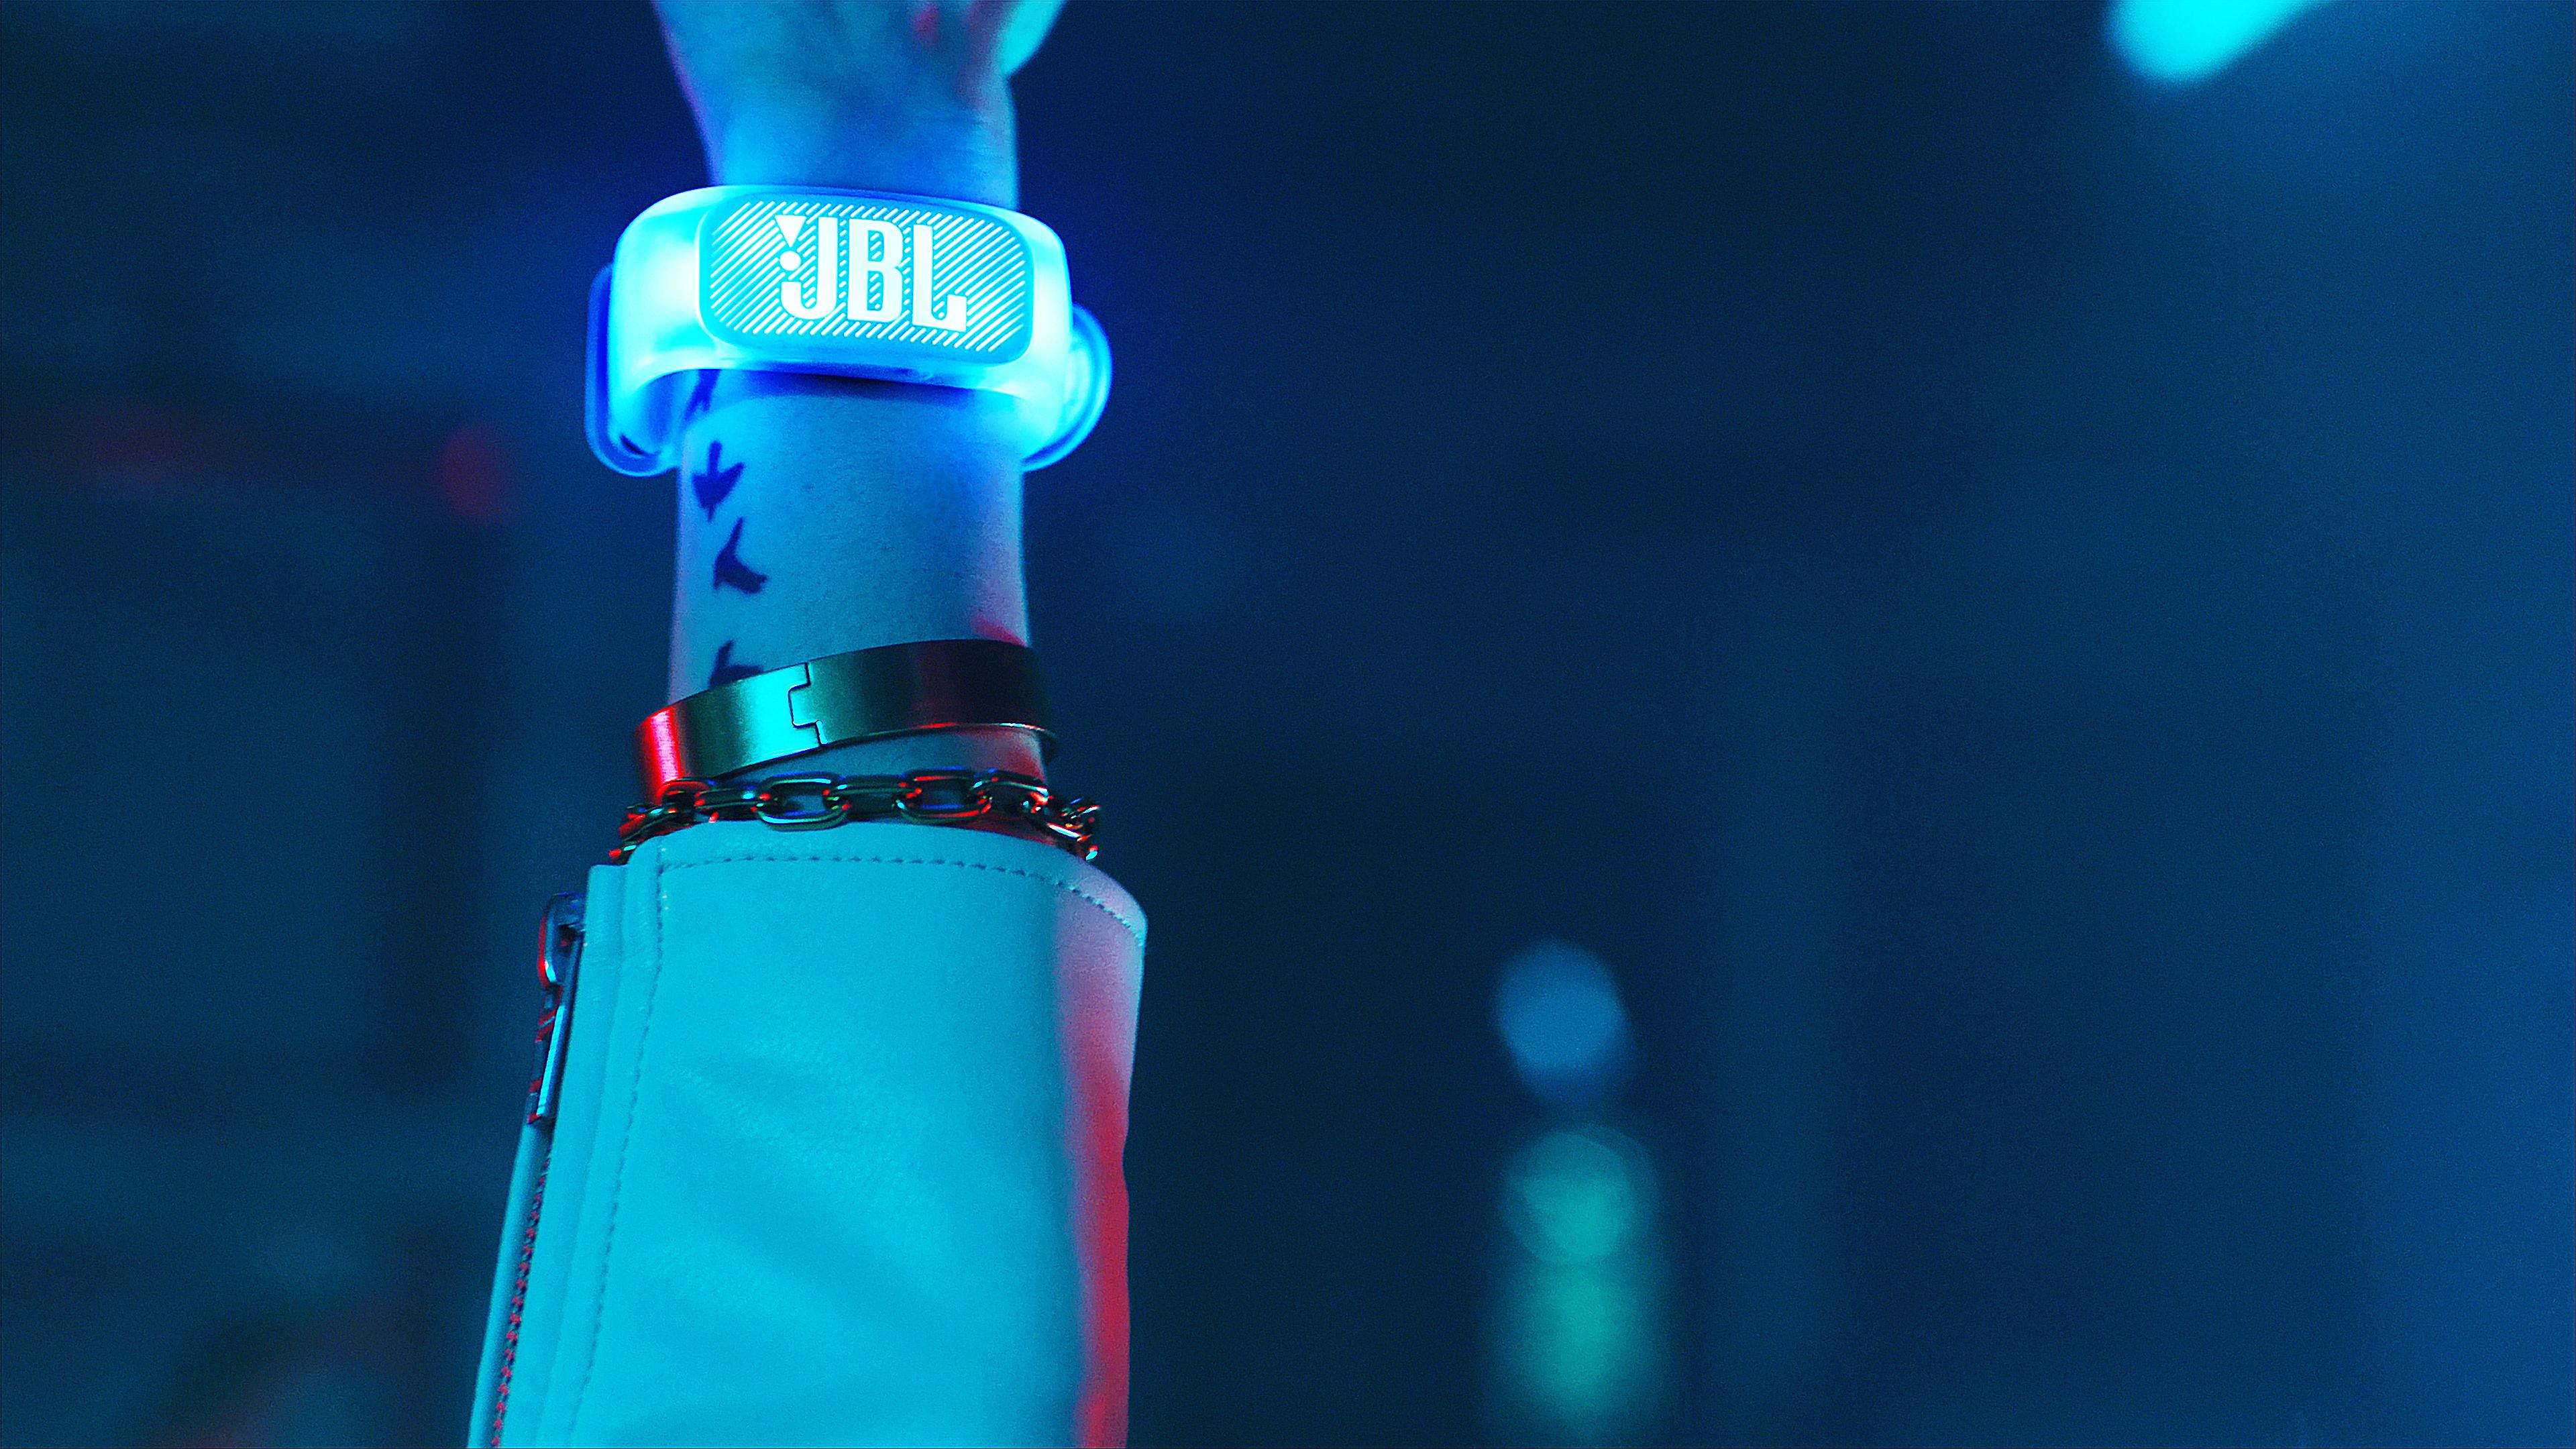 324595 jbl pb1000 wristband.still008 x1 f2ab49 original 1563545329